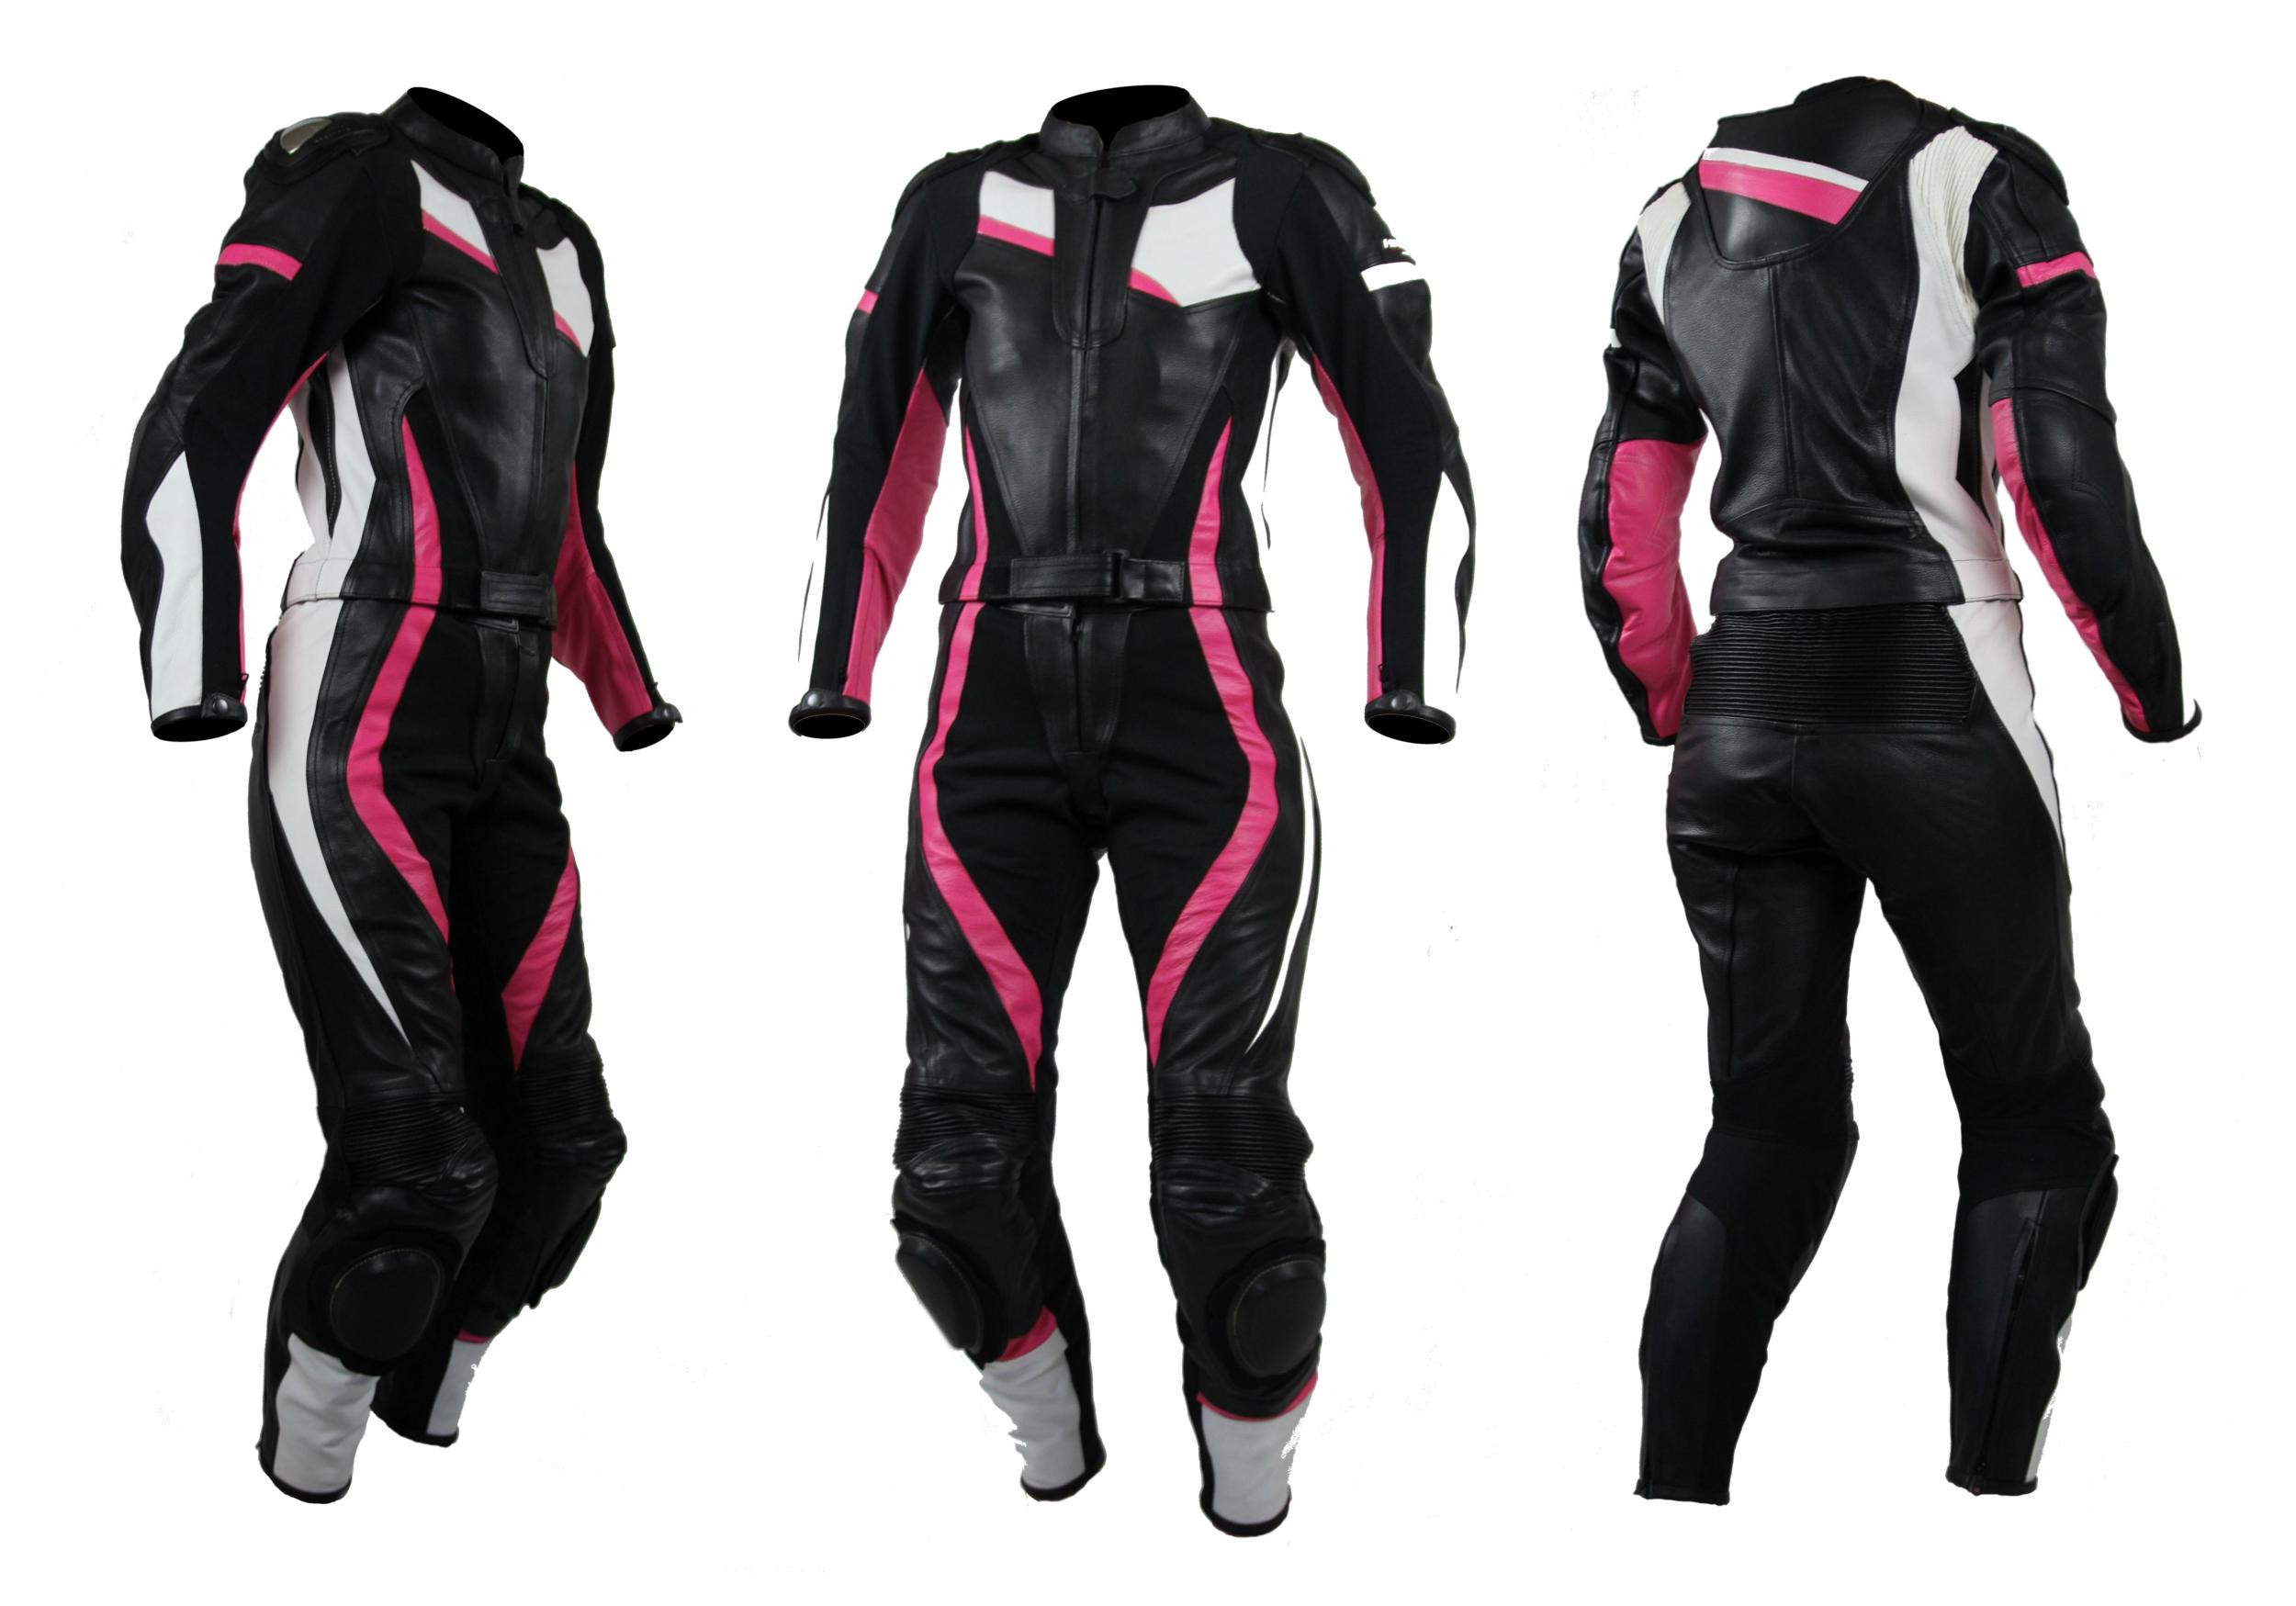 kc213 combinaison moto cuir femme lady gp karno 2 pi ces vetement moto femme combinaison. Black Bedroom Furniture Sets. Home Design Ideas